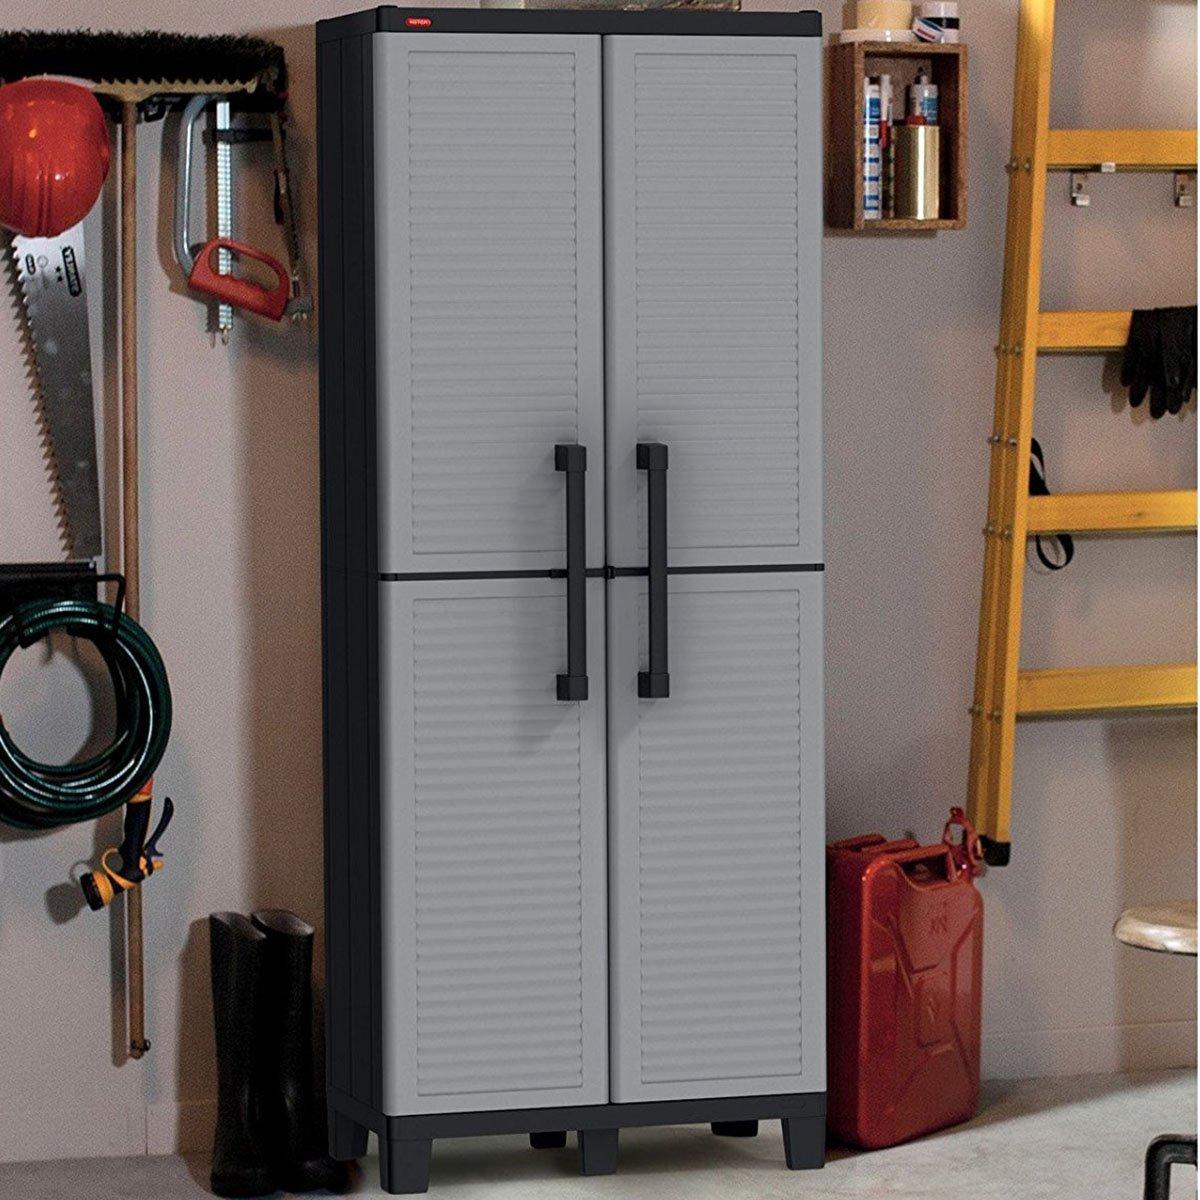 Keter Space Winner Adjustable Garage Storage Gray Resin ...